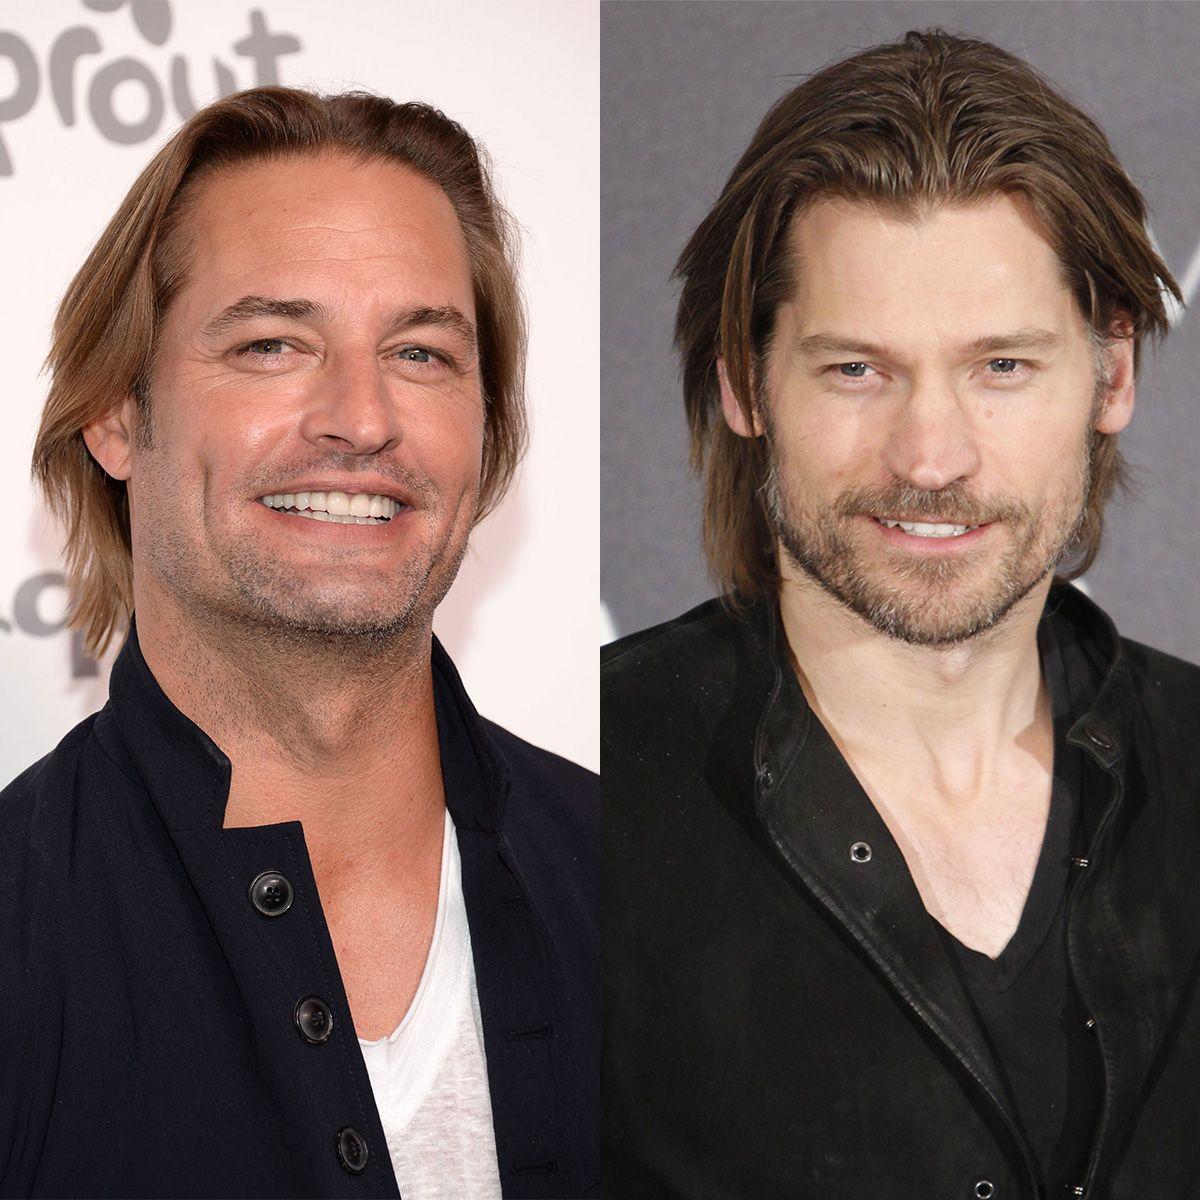 Nikolaj Coster-Waldau, de Juego de Tronos, y Josh Holloway